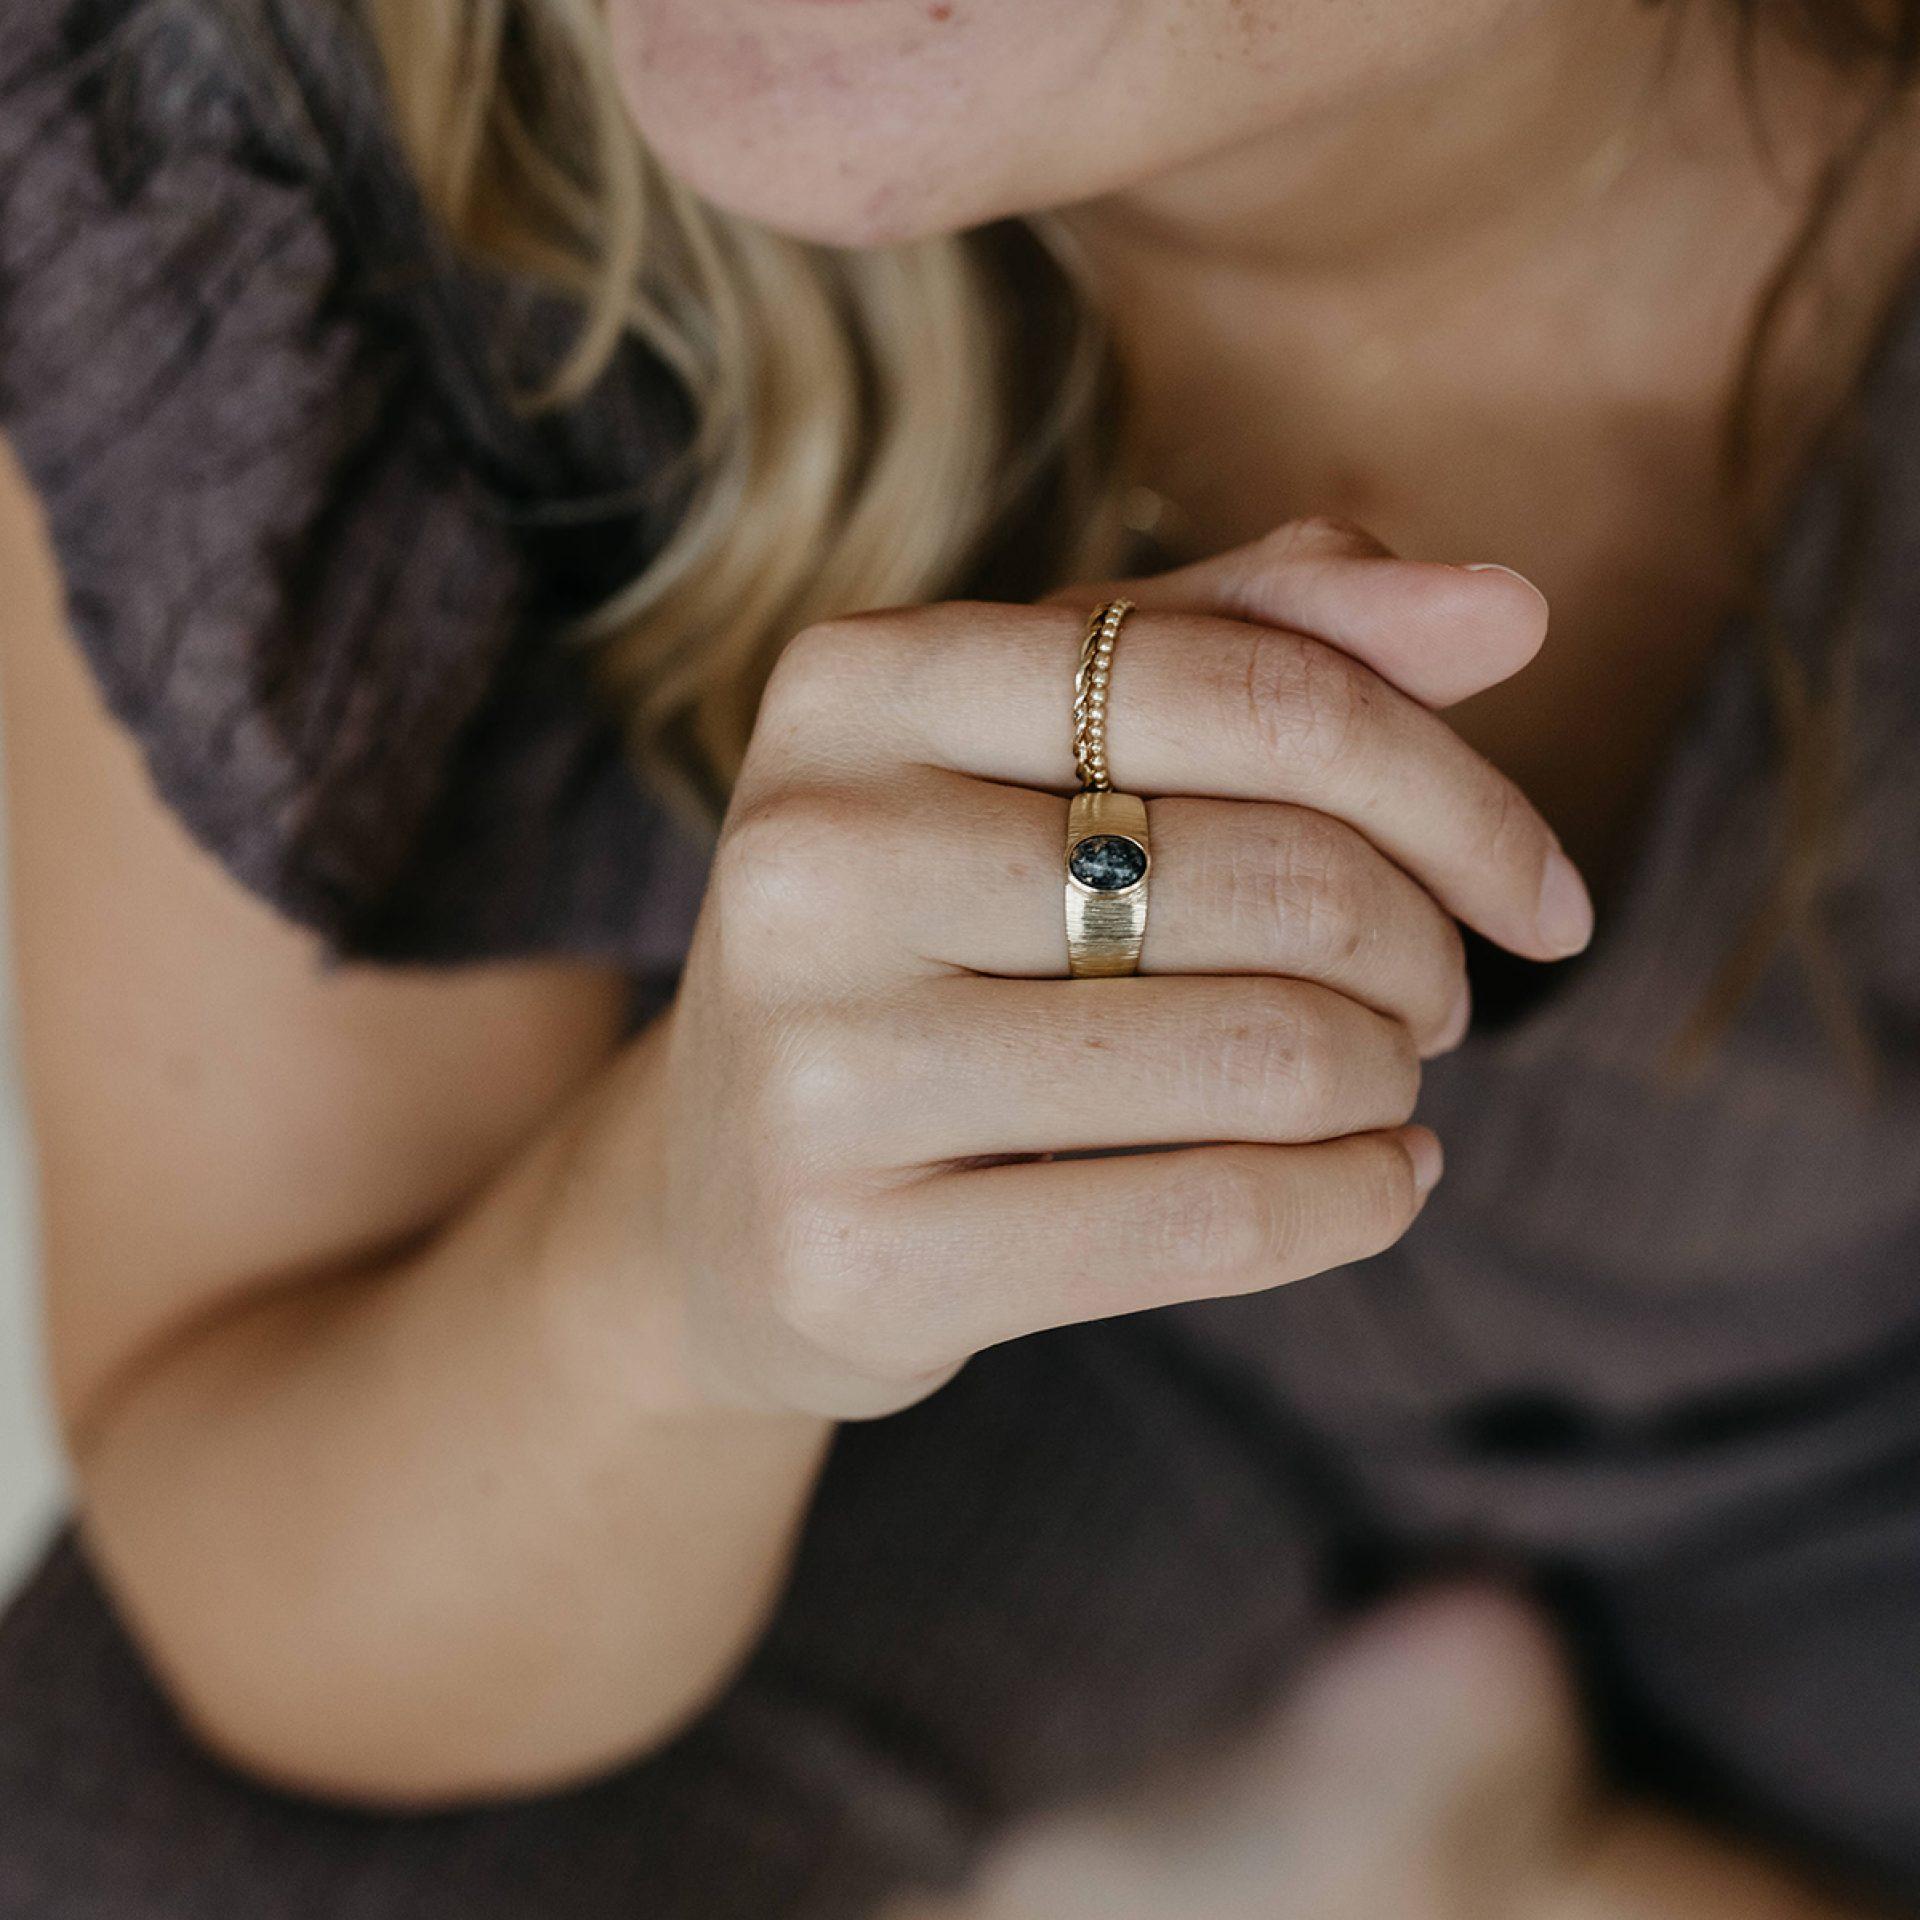 Ring für Frau aus Asche oder Haar von Verstorbenem mensch oder tier Tierhaar Erinnerung